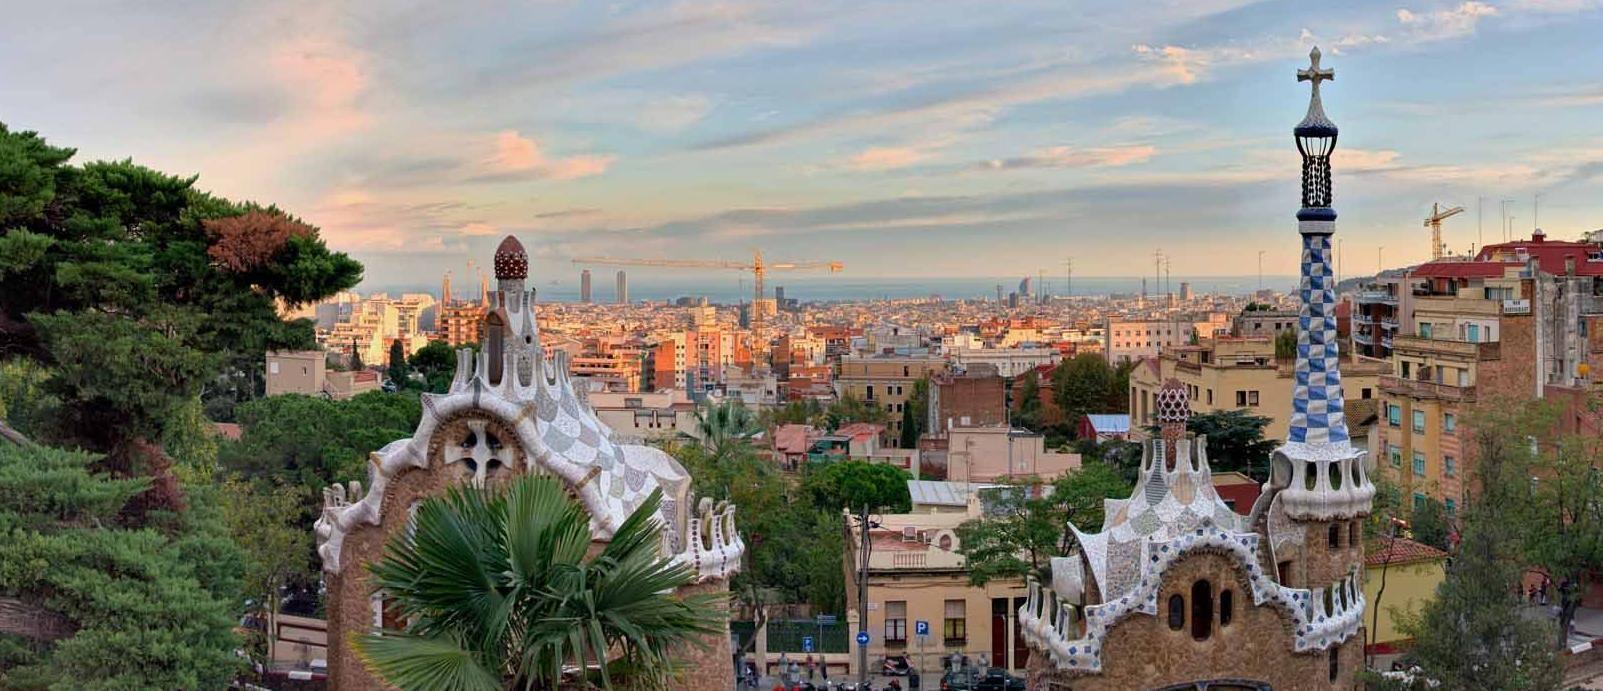 Barcelona Spain Wallpaper - WallpaperSafari